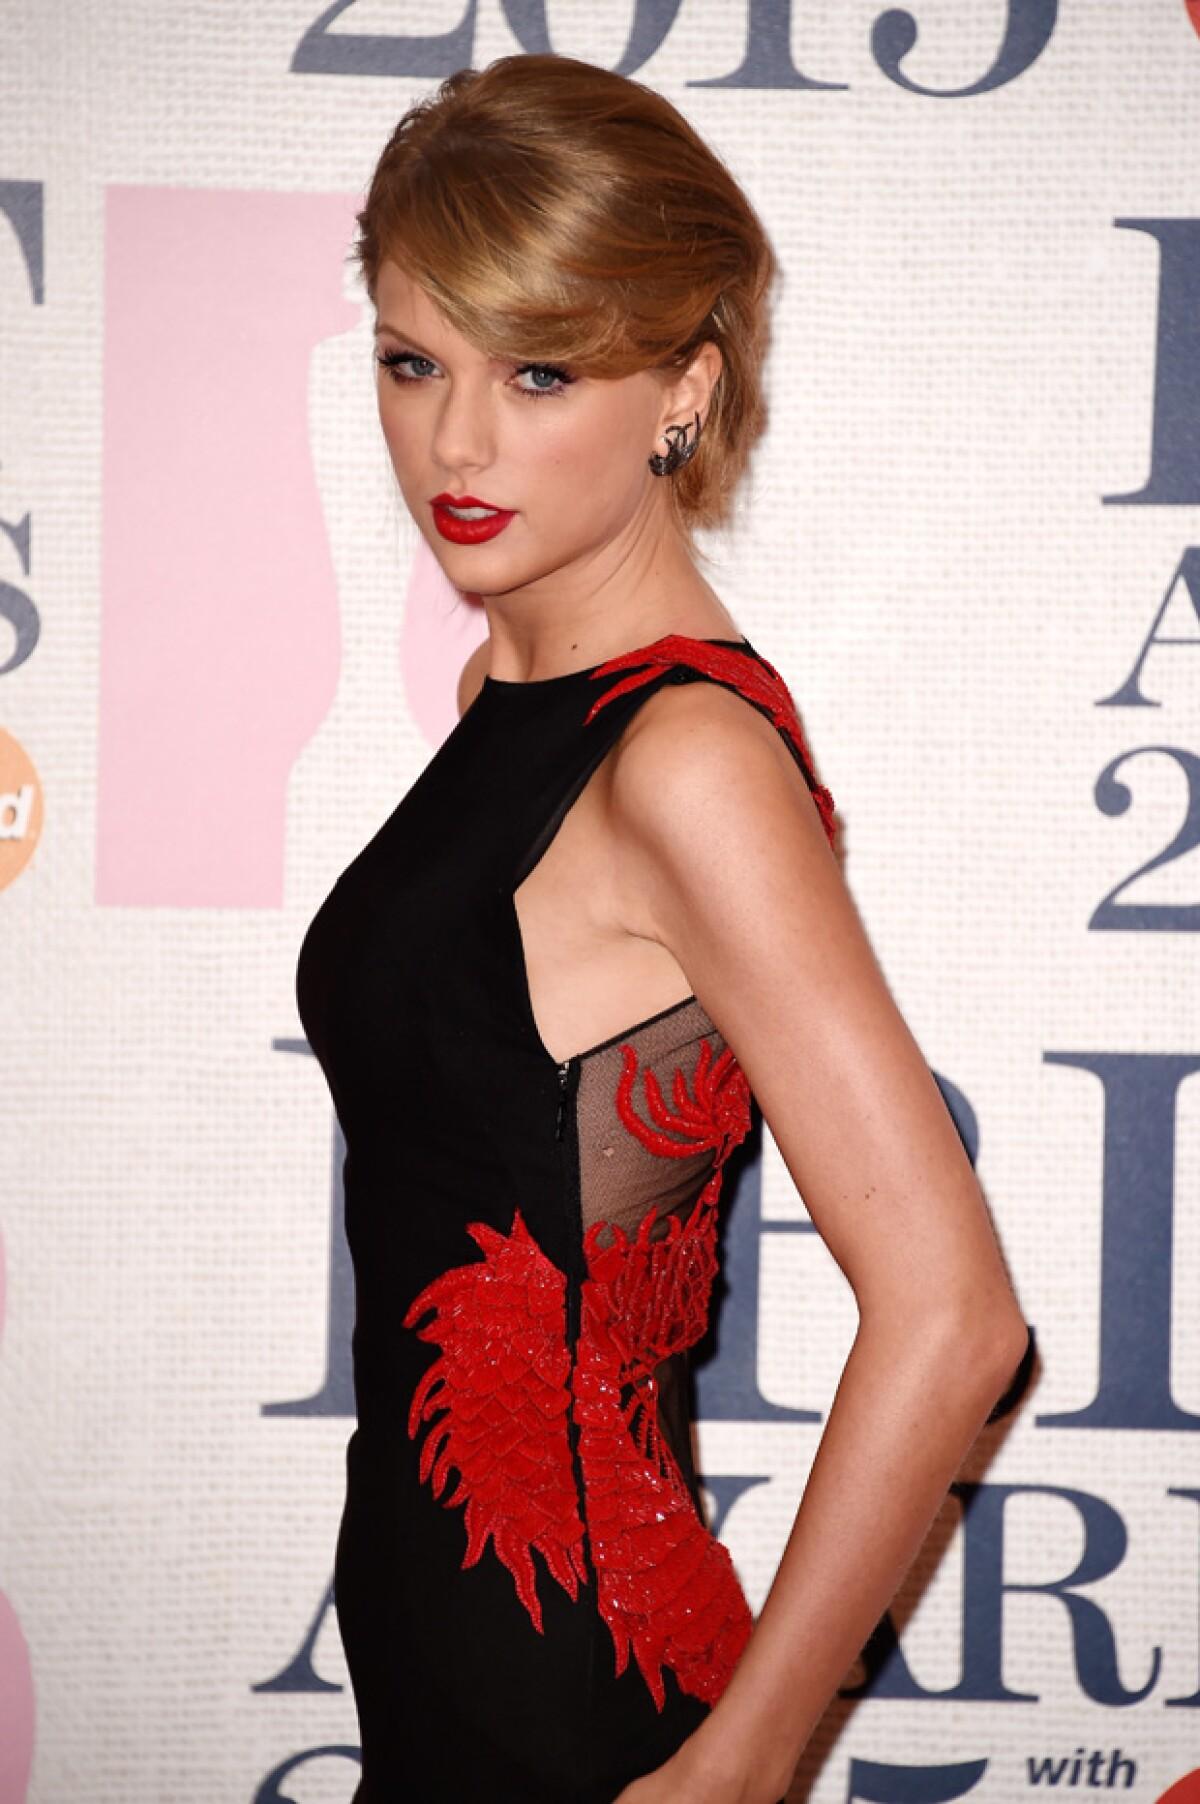 ¿Por qué Taylor Swift compró páginas porno?